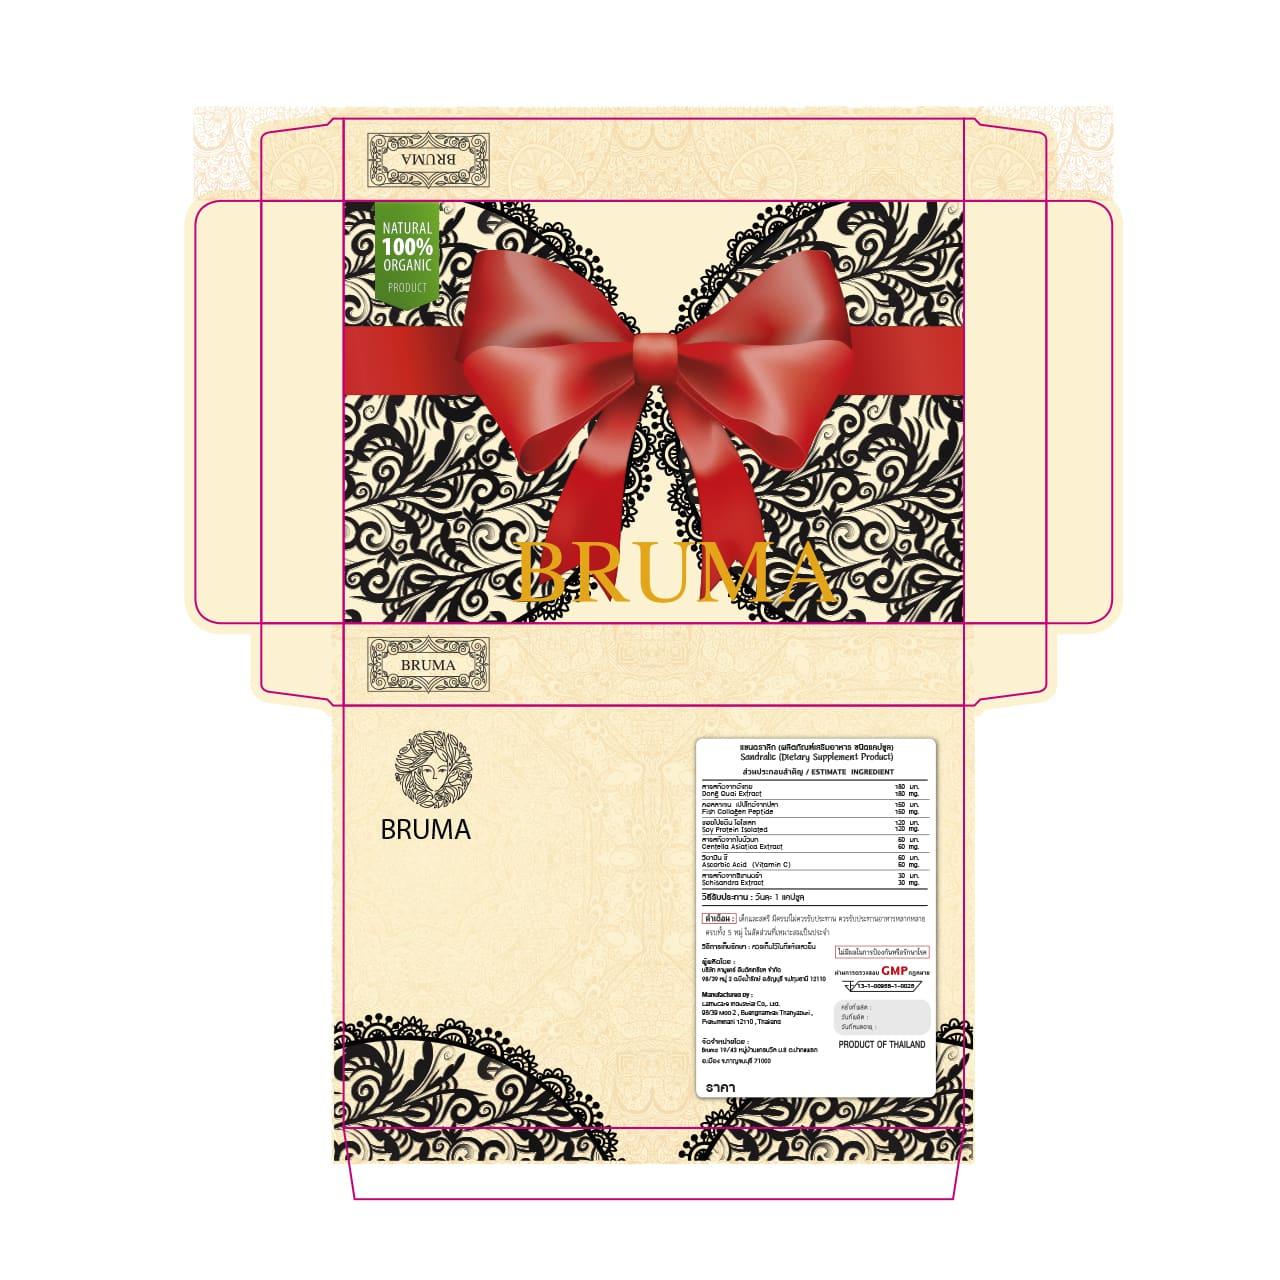 buma 1 ออกแบบกล่อง Bruma ผลิตภัณฑ์เสริมอาหาร อกฟูรูฟิต